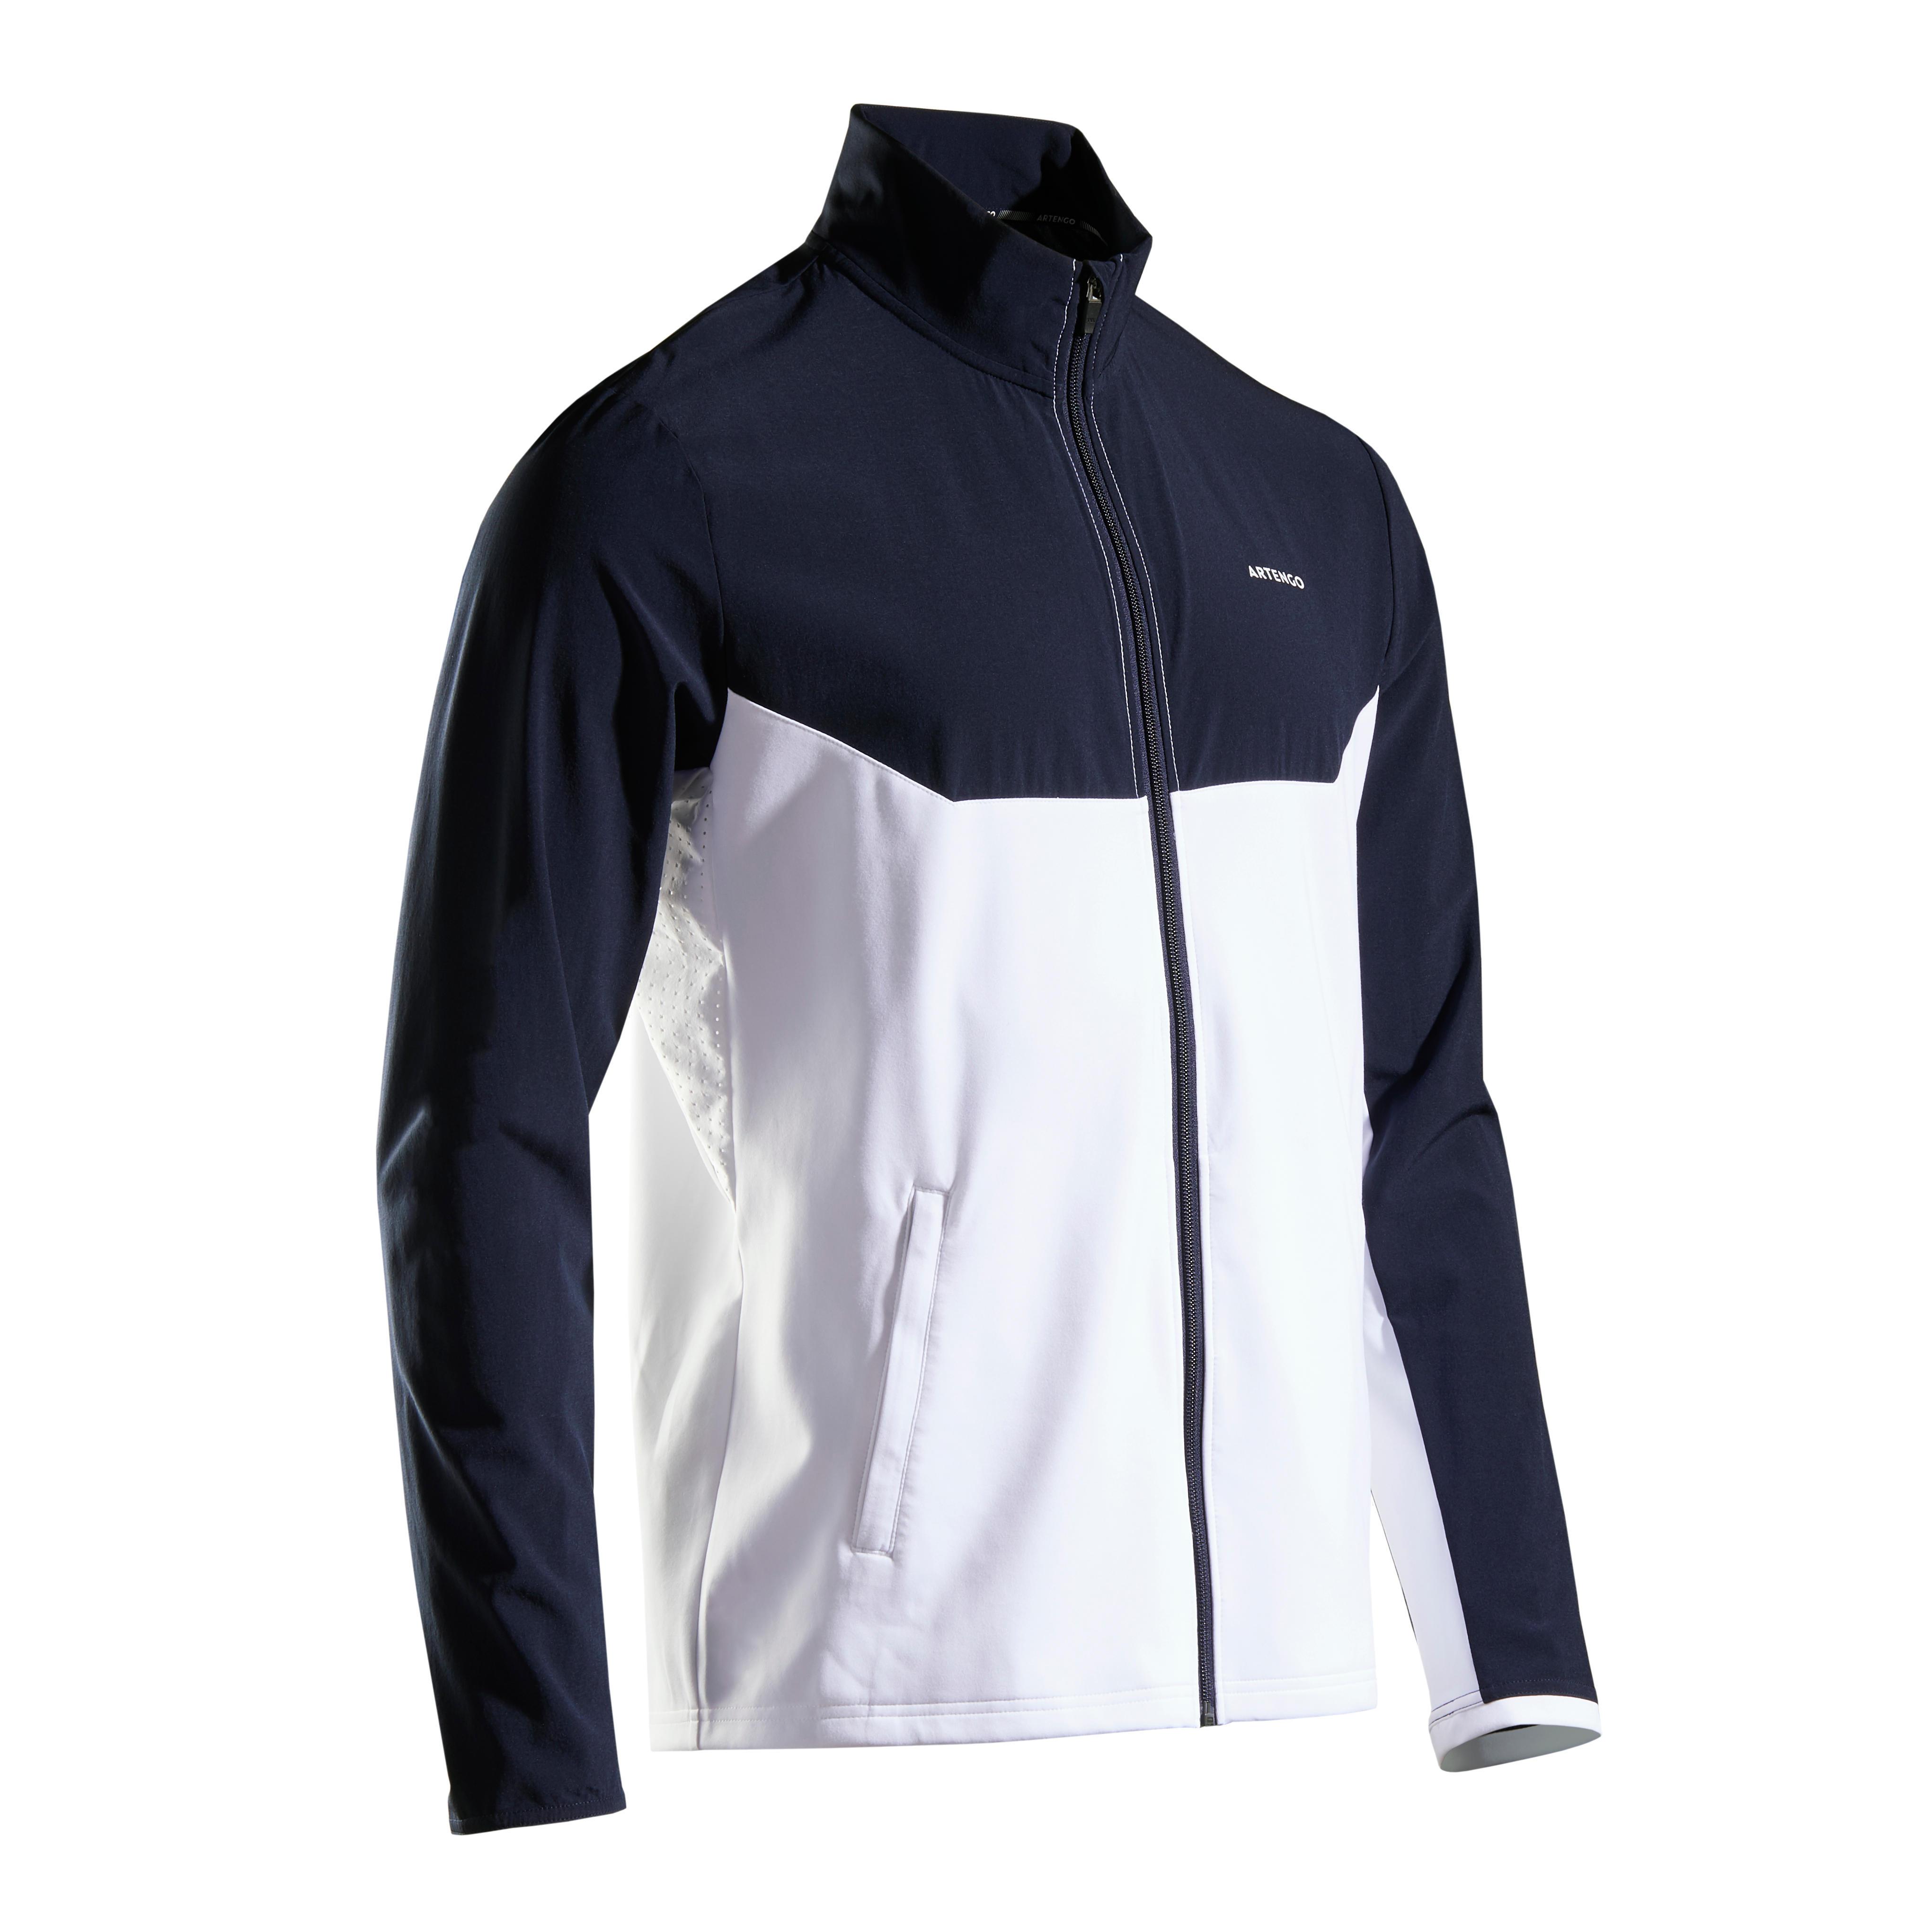 Jachetă Tenis T500 Bărbați imagine